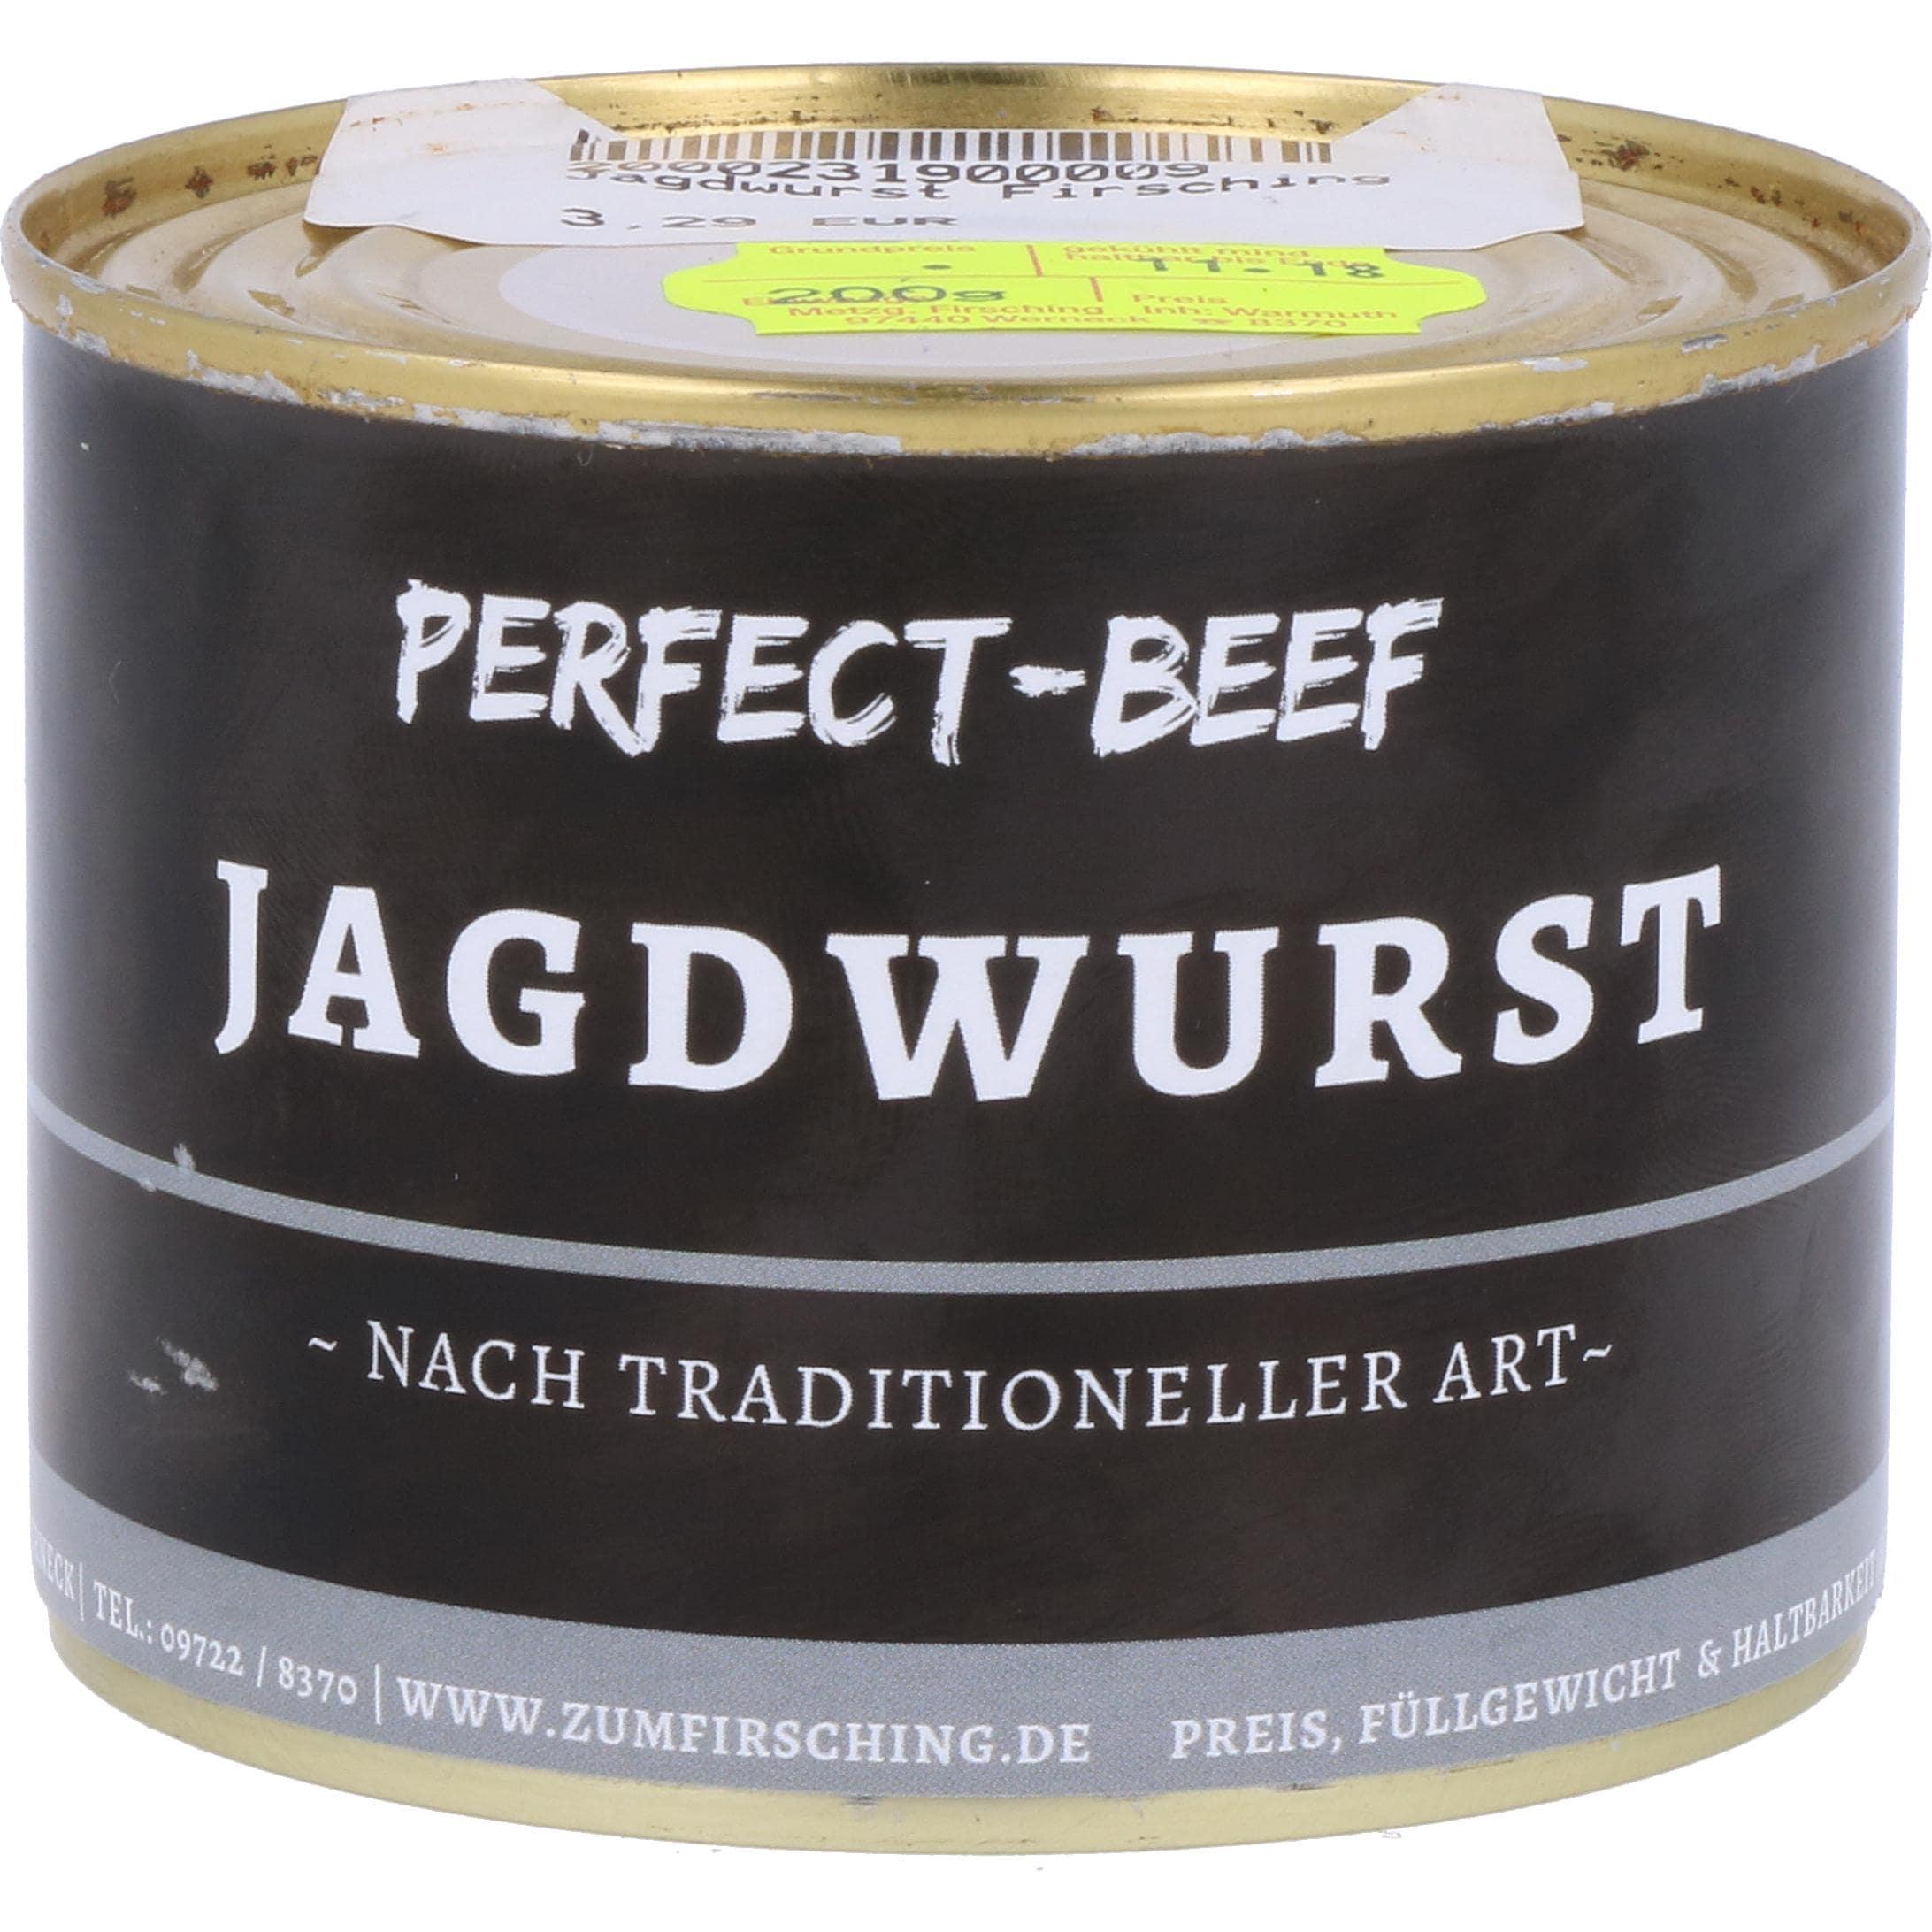 Firsching Jagdwurst 200g